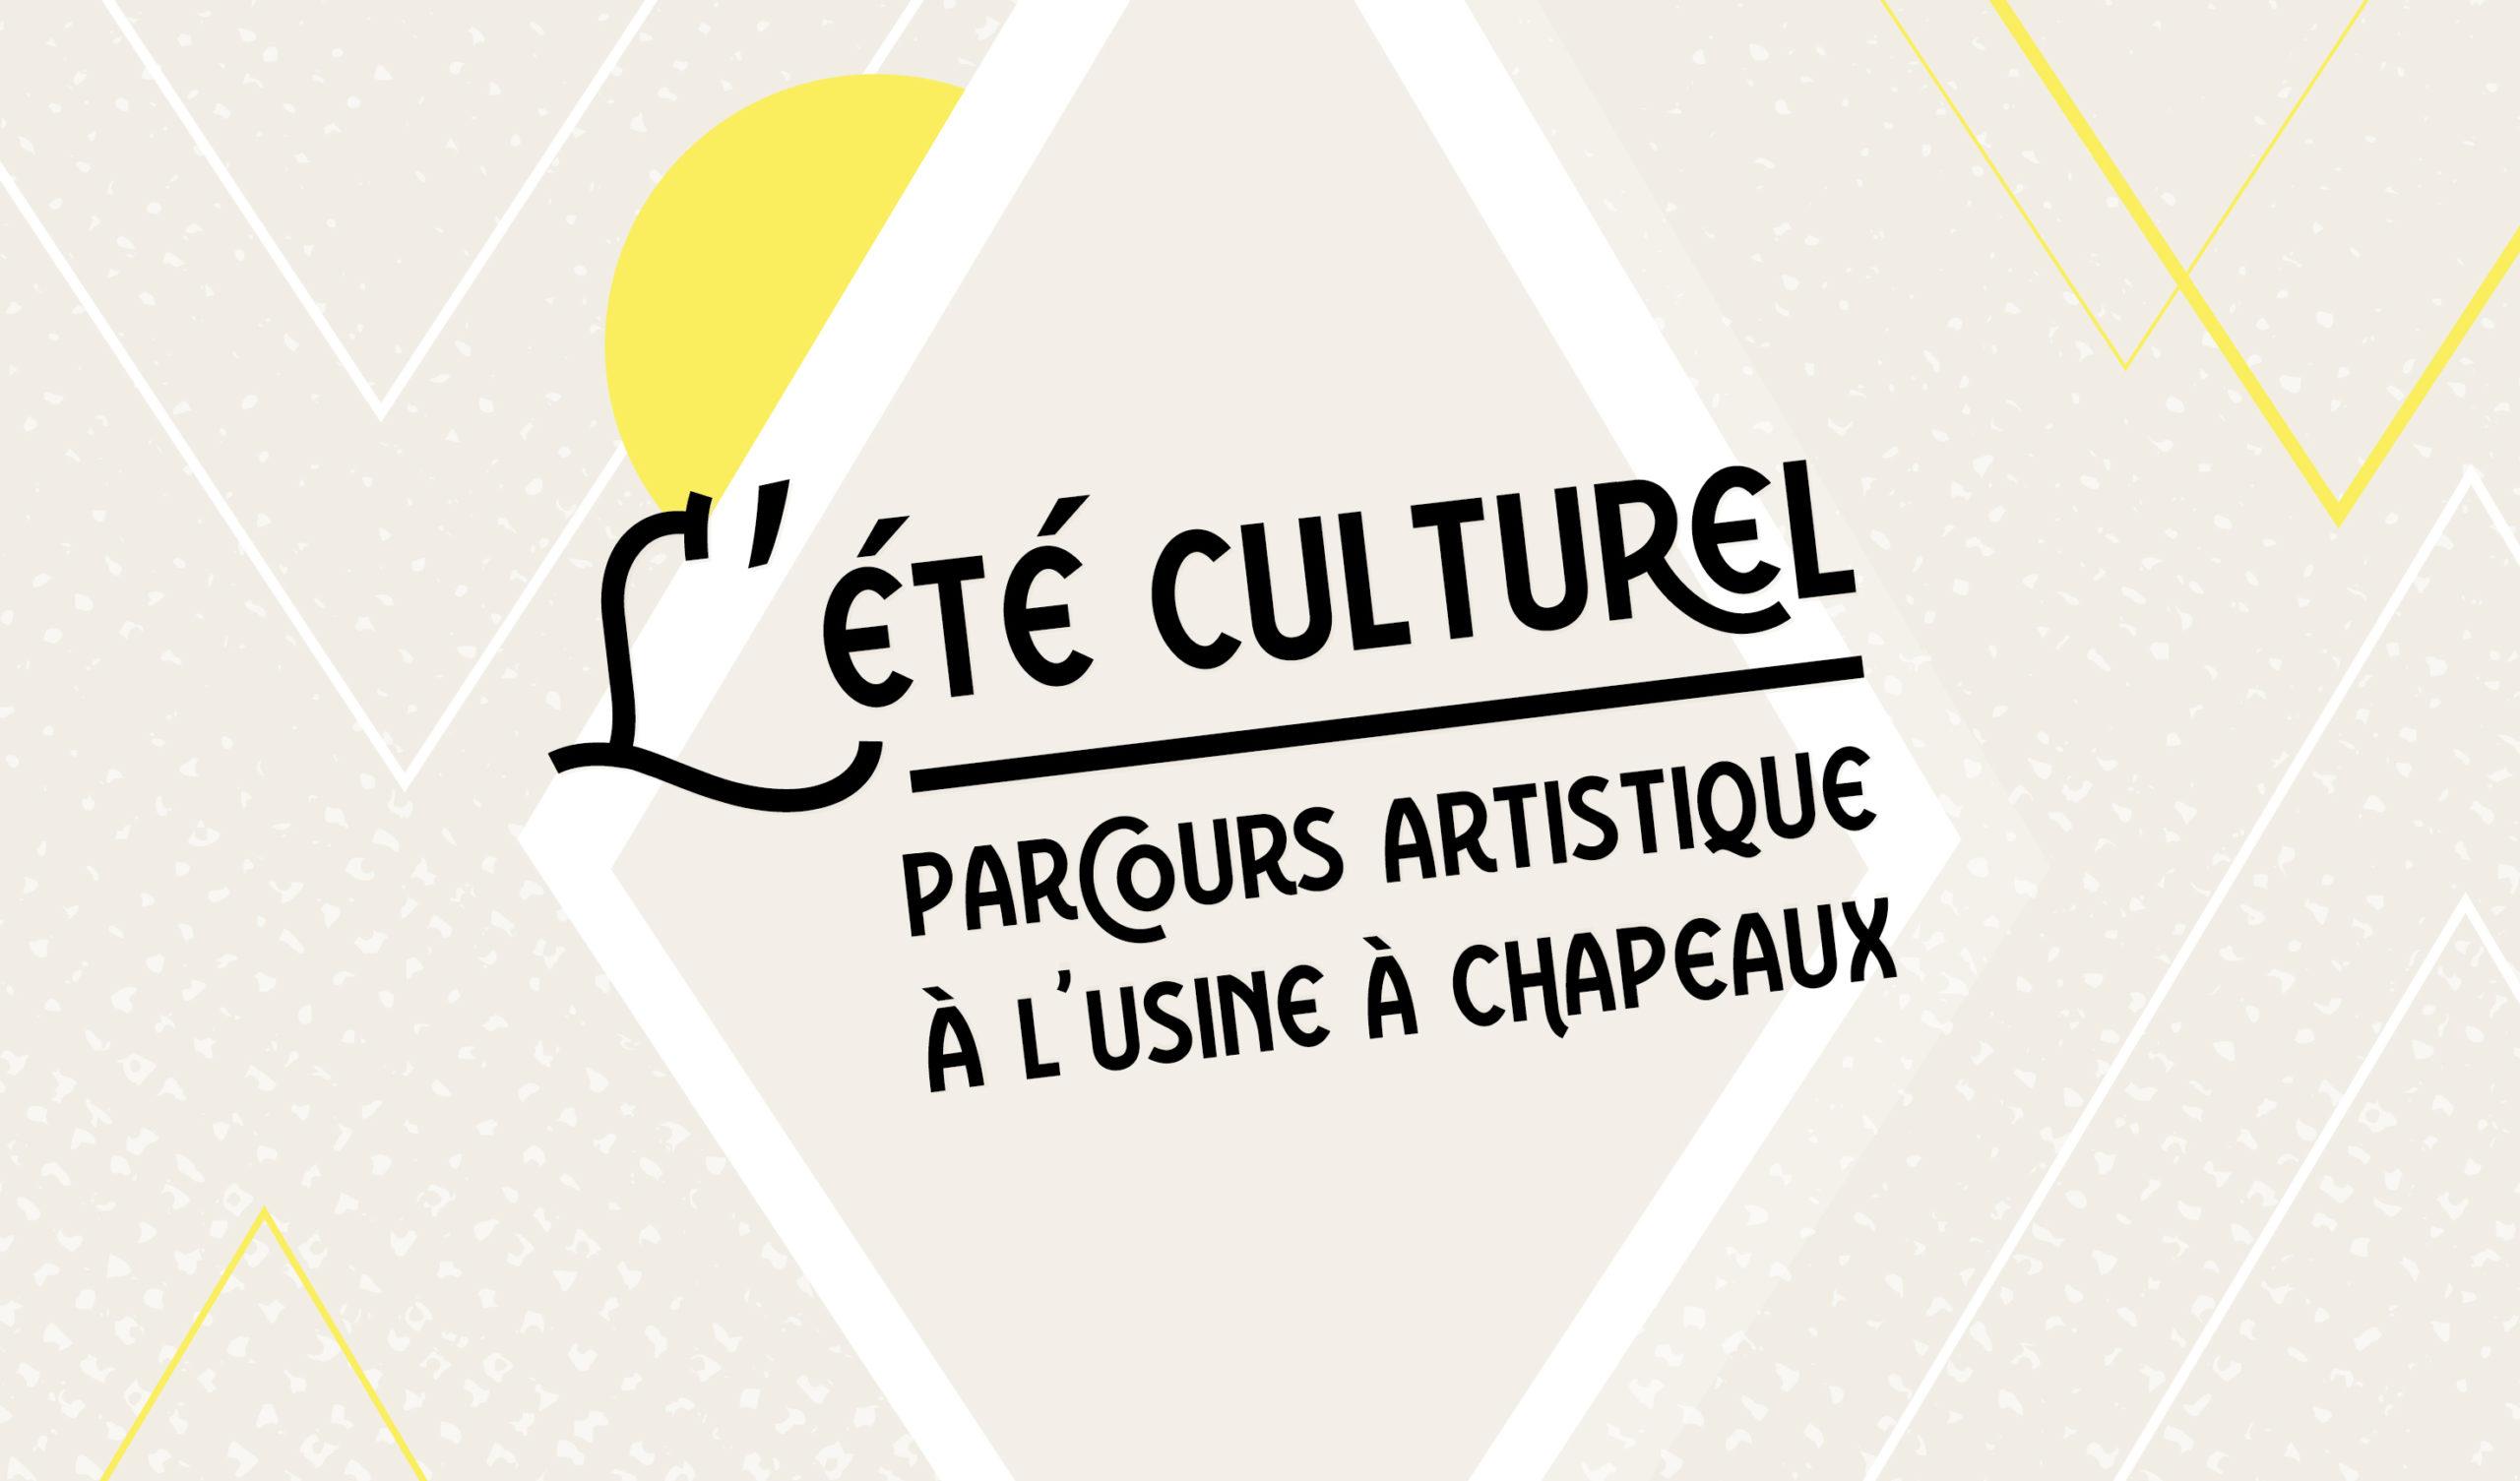 Été culturel : Parcours artistique à l'Usine à Chapeaux!